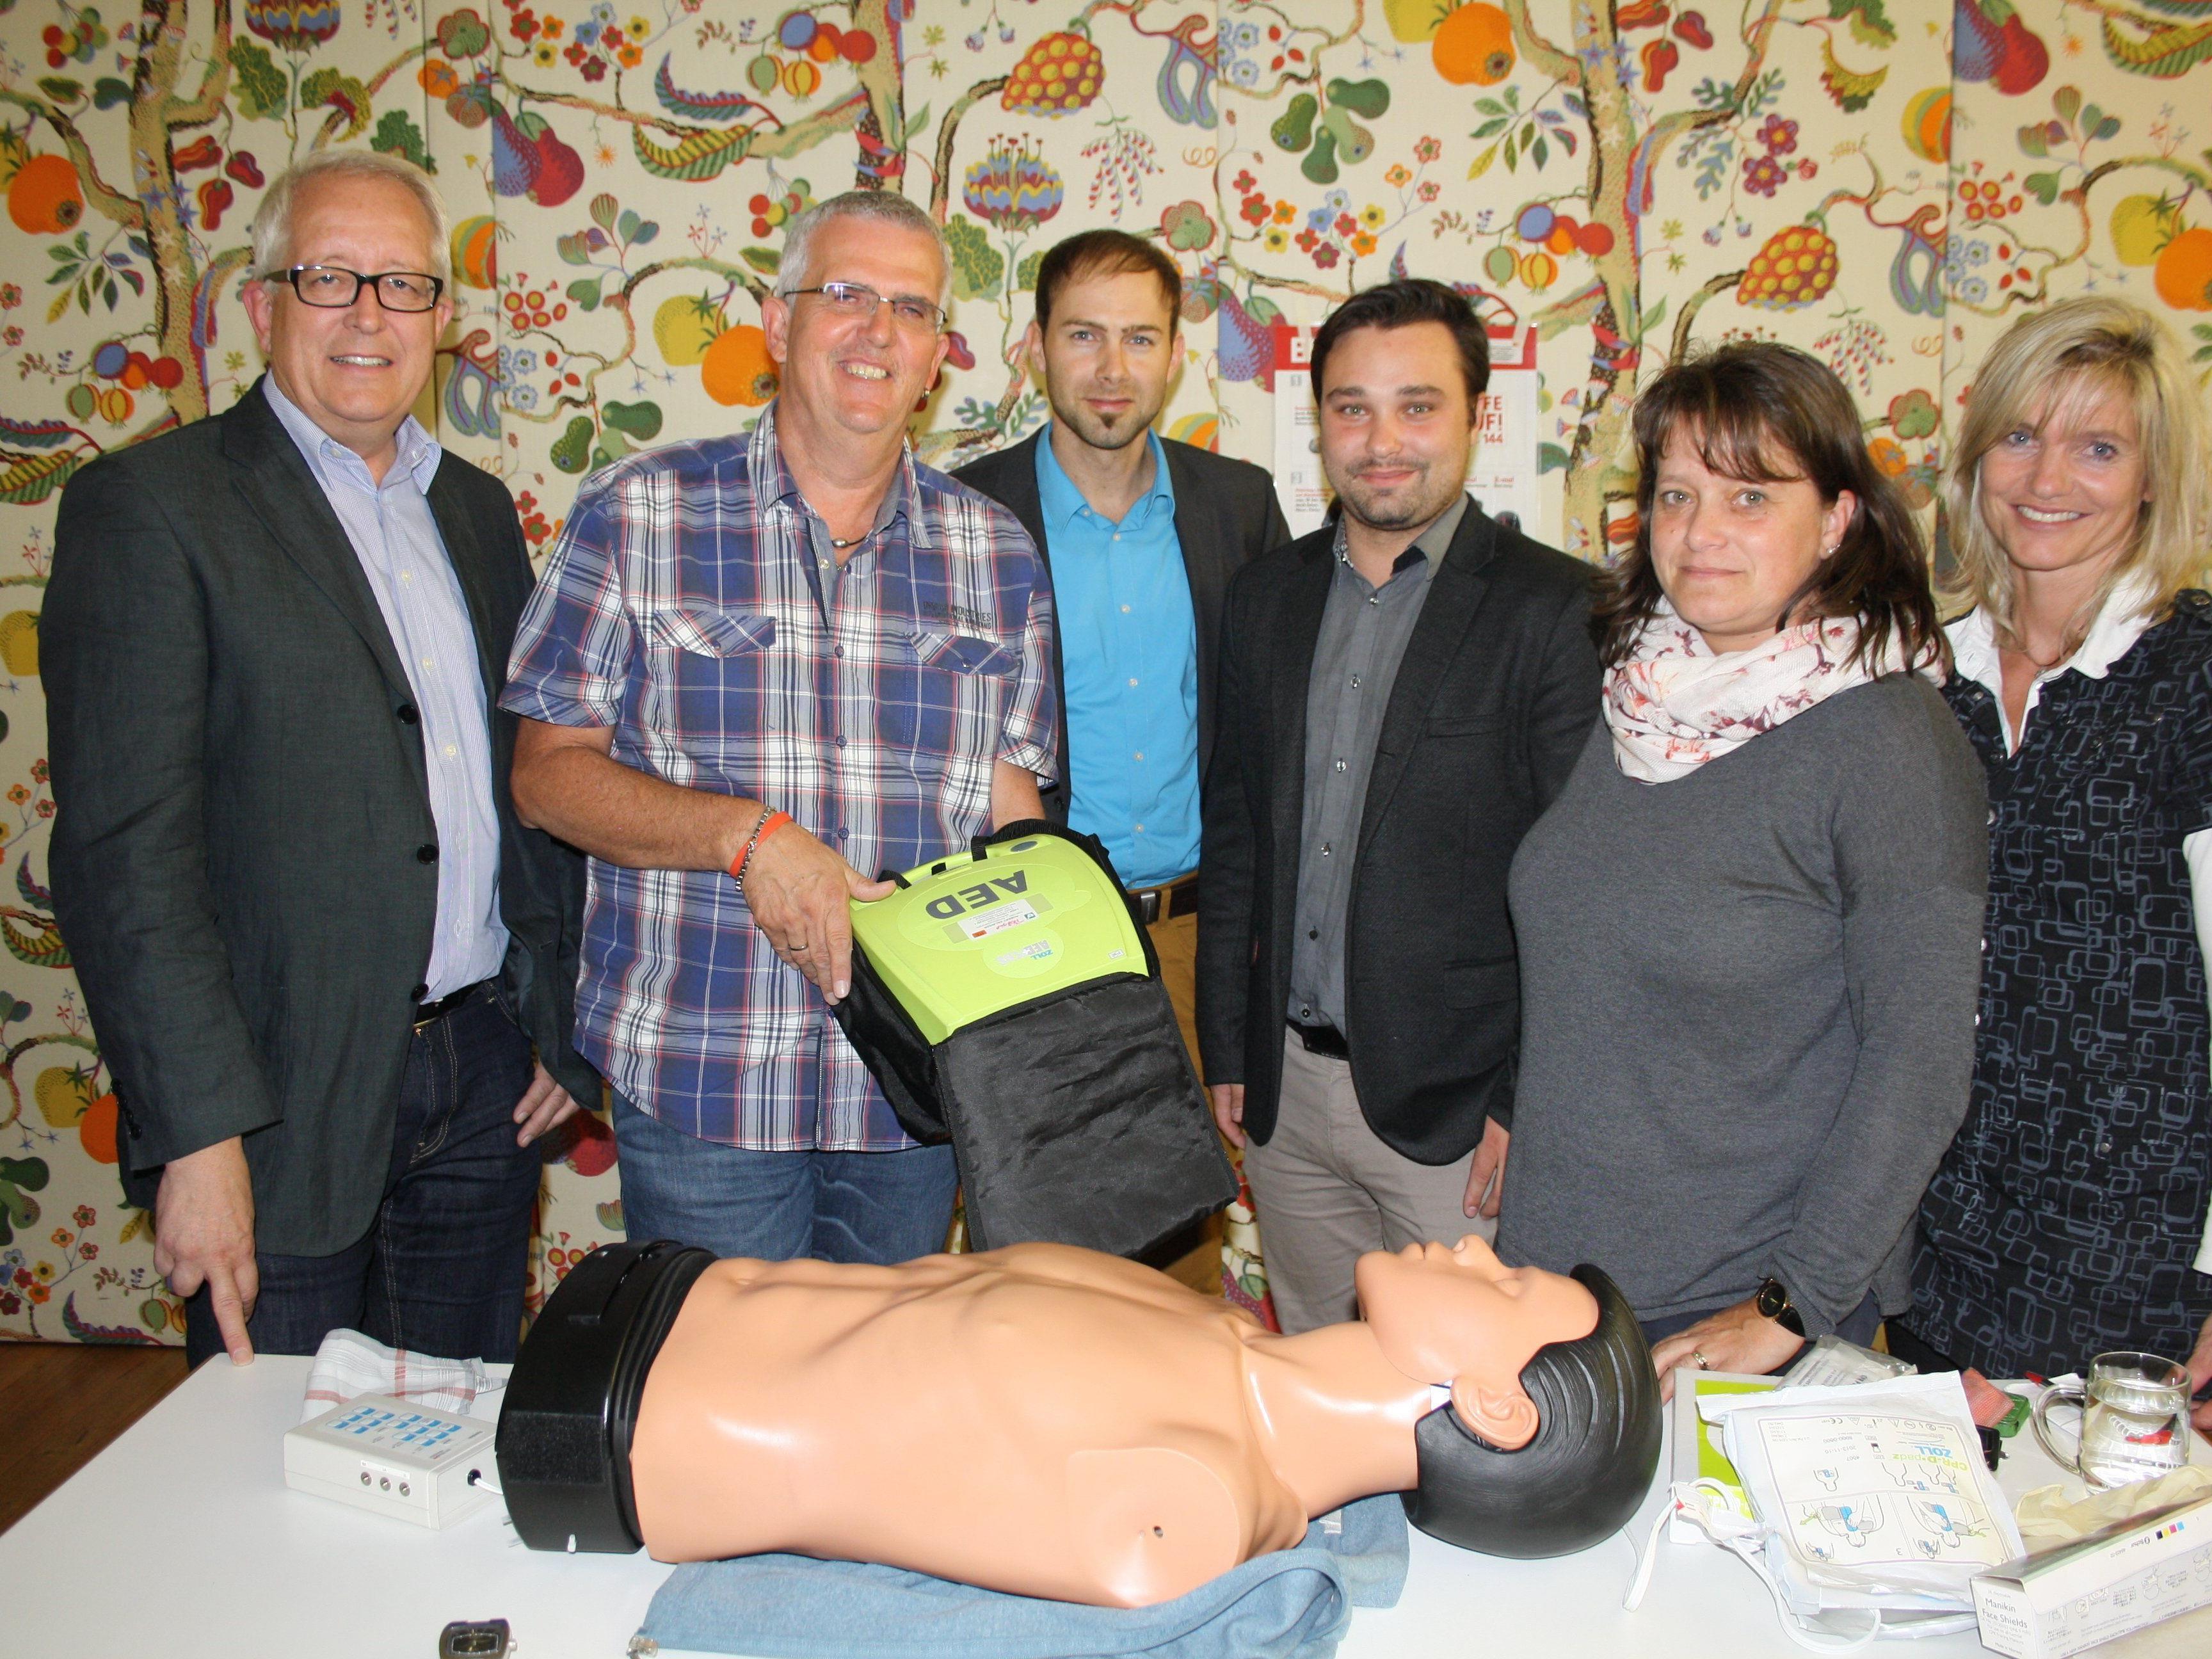 Die Initiative der Verantwortlichen vom Pfarrheim Franz Xaver Lochau, der Vorarlberger Landesversicherung, dem Roten Kreuz und die Gemeinde Lochau fand damit einen erfolgreichen Abschluss.